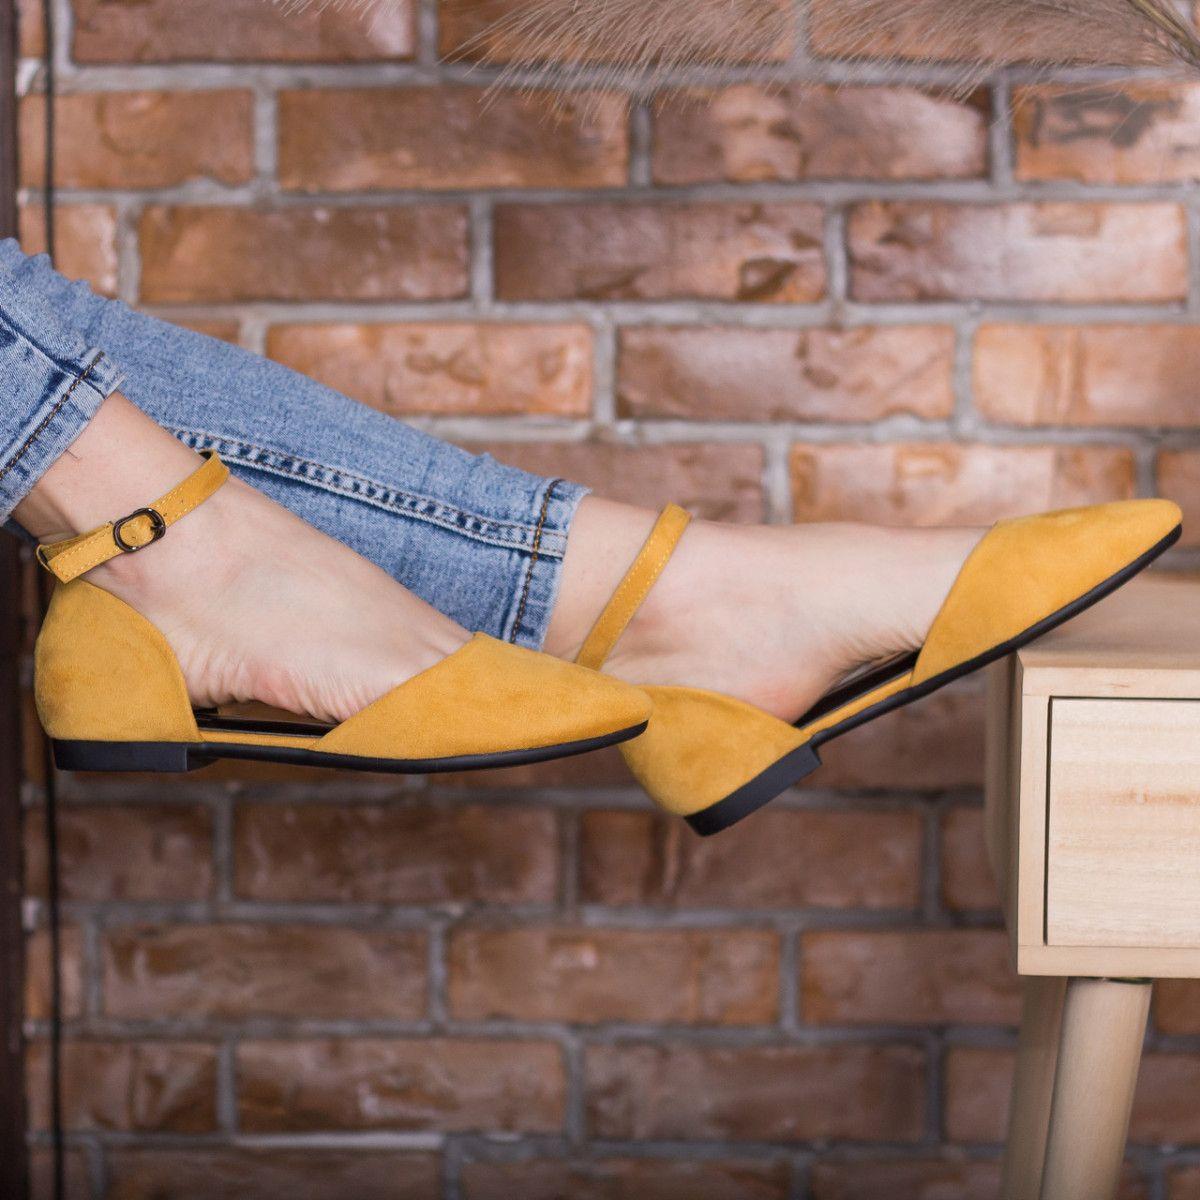 Туфли женские Fashion Euki 2782 41 размер 26 см Желтые